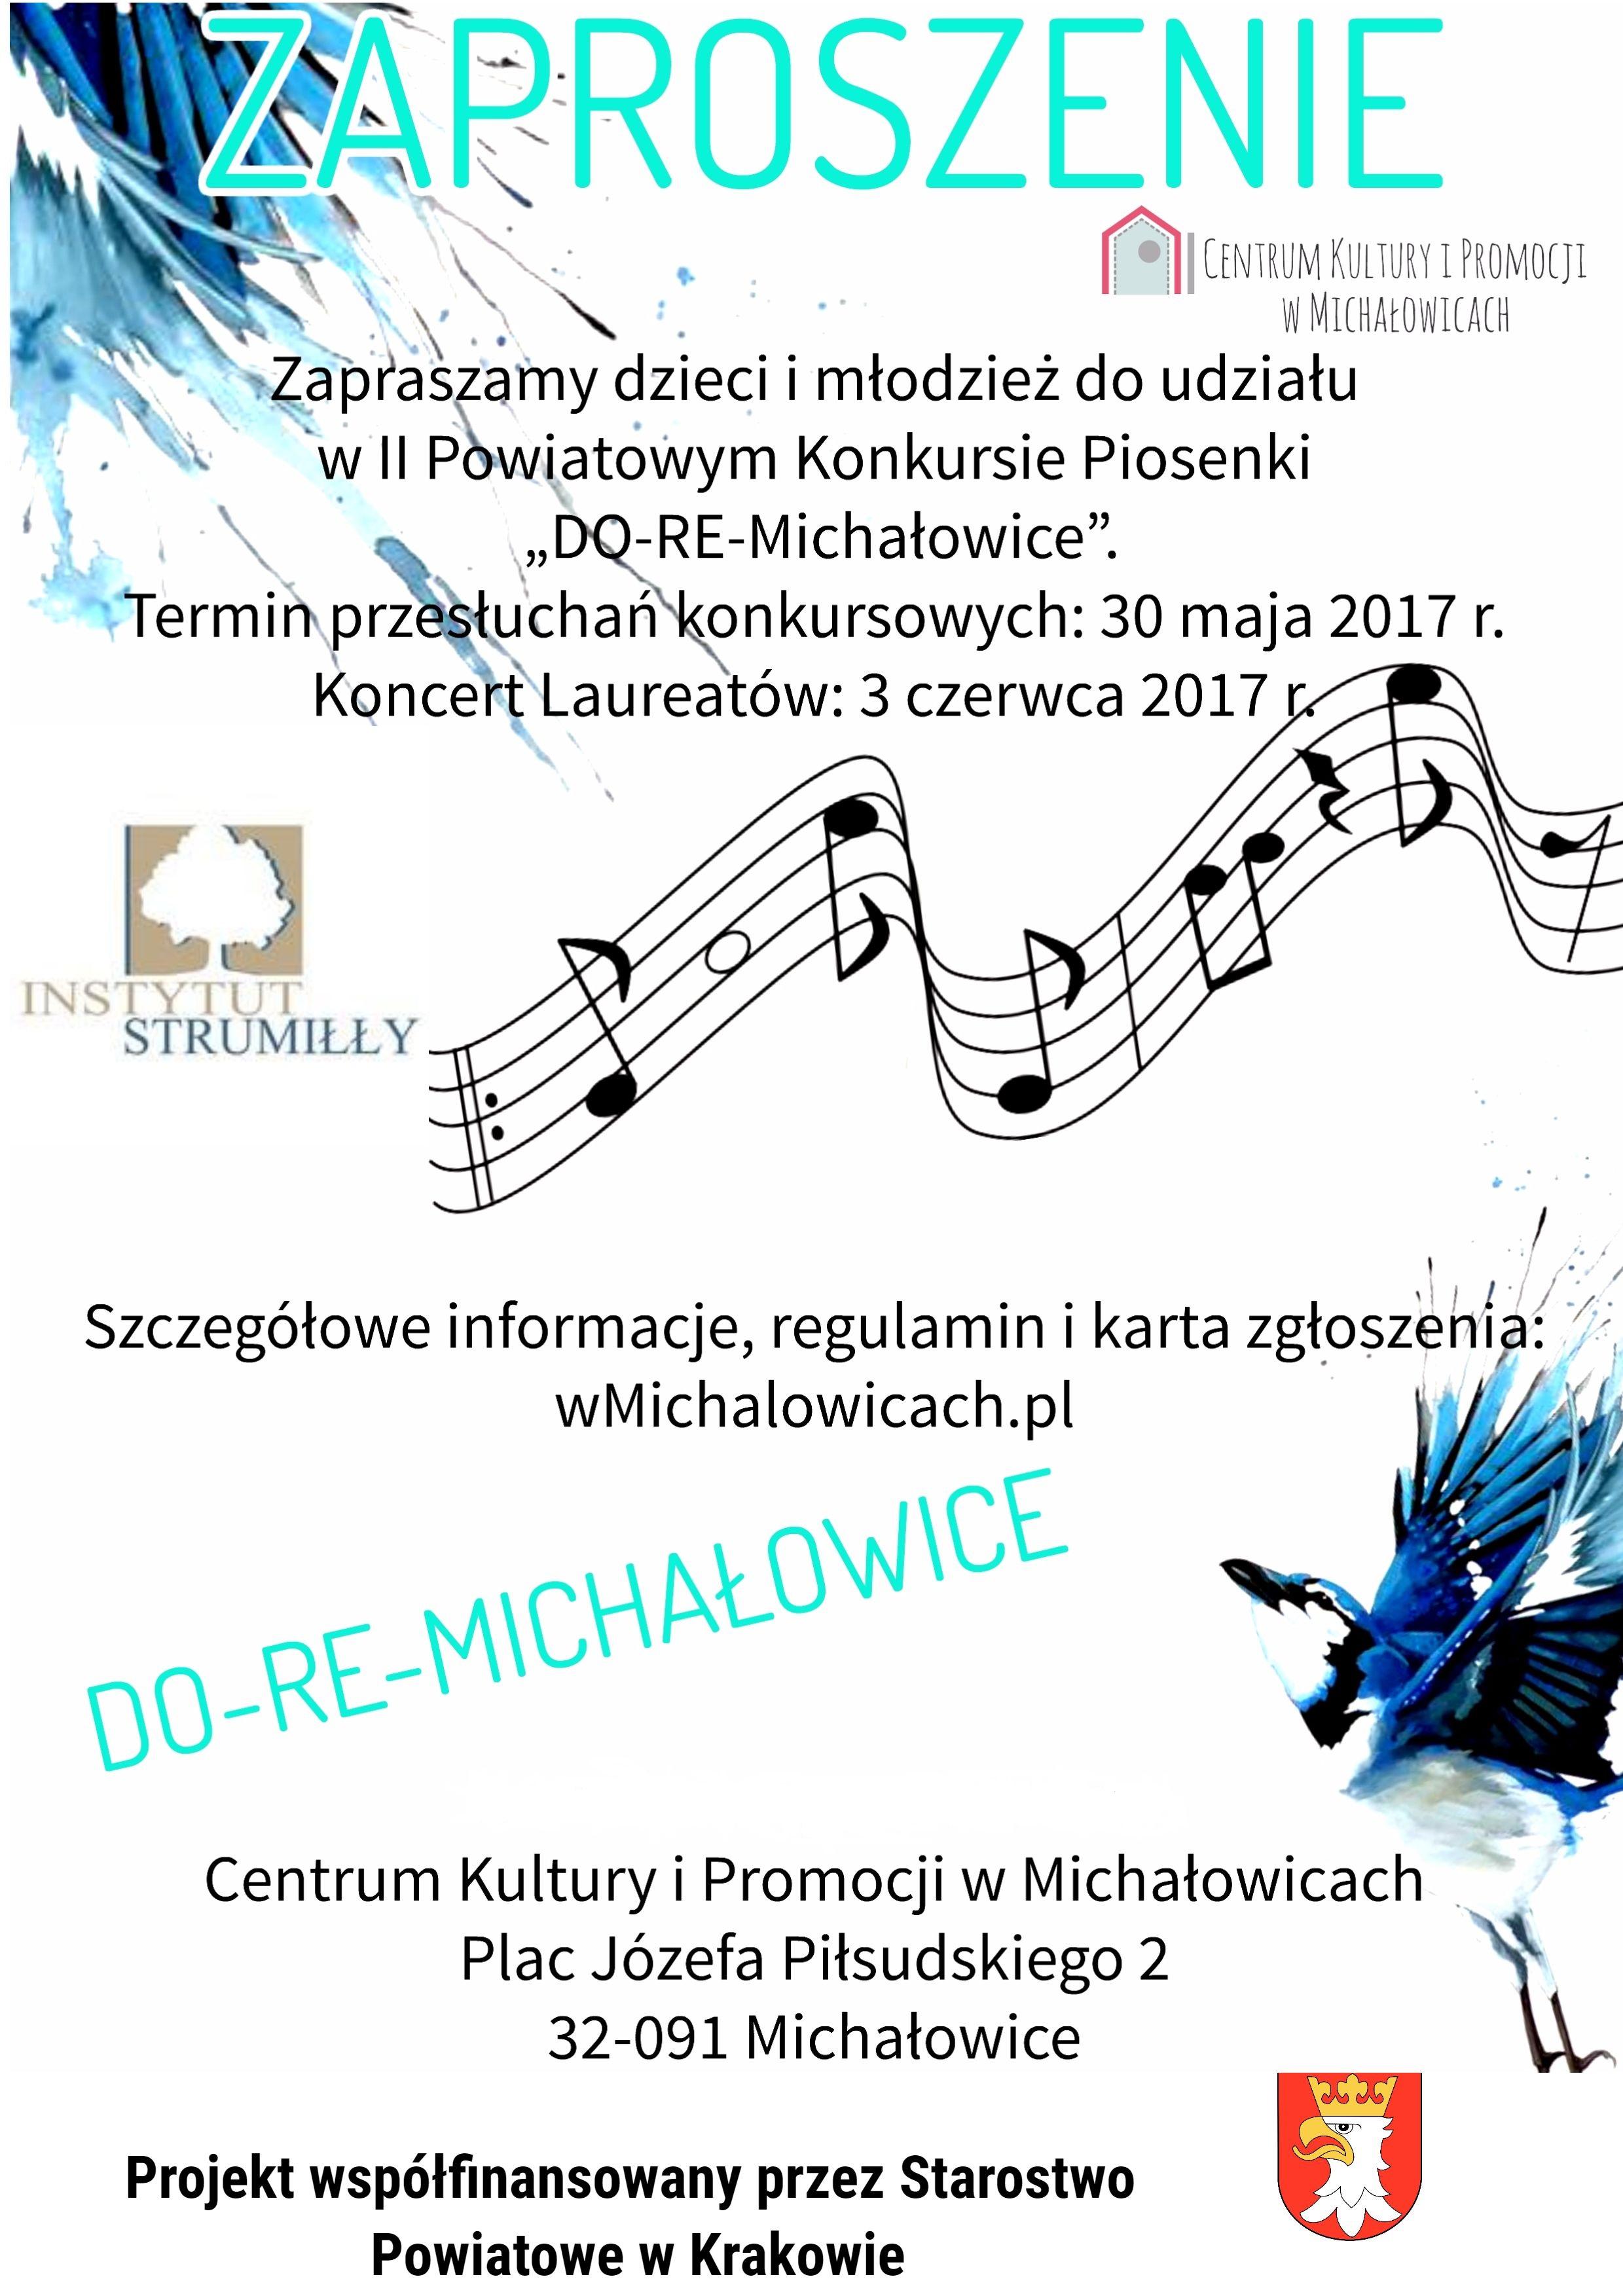 II Powiatowy Konkurs Piosenki DO-RE-MICHAŁOWICE @ Centrum Kultury i Promocji w Michałowicach | Michałowice | małopolskie | Polska